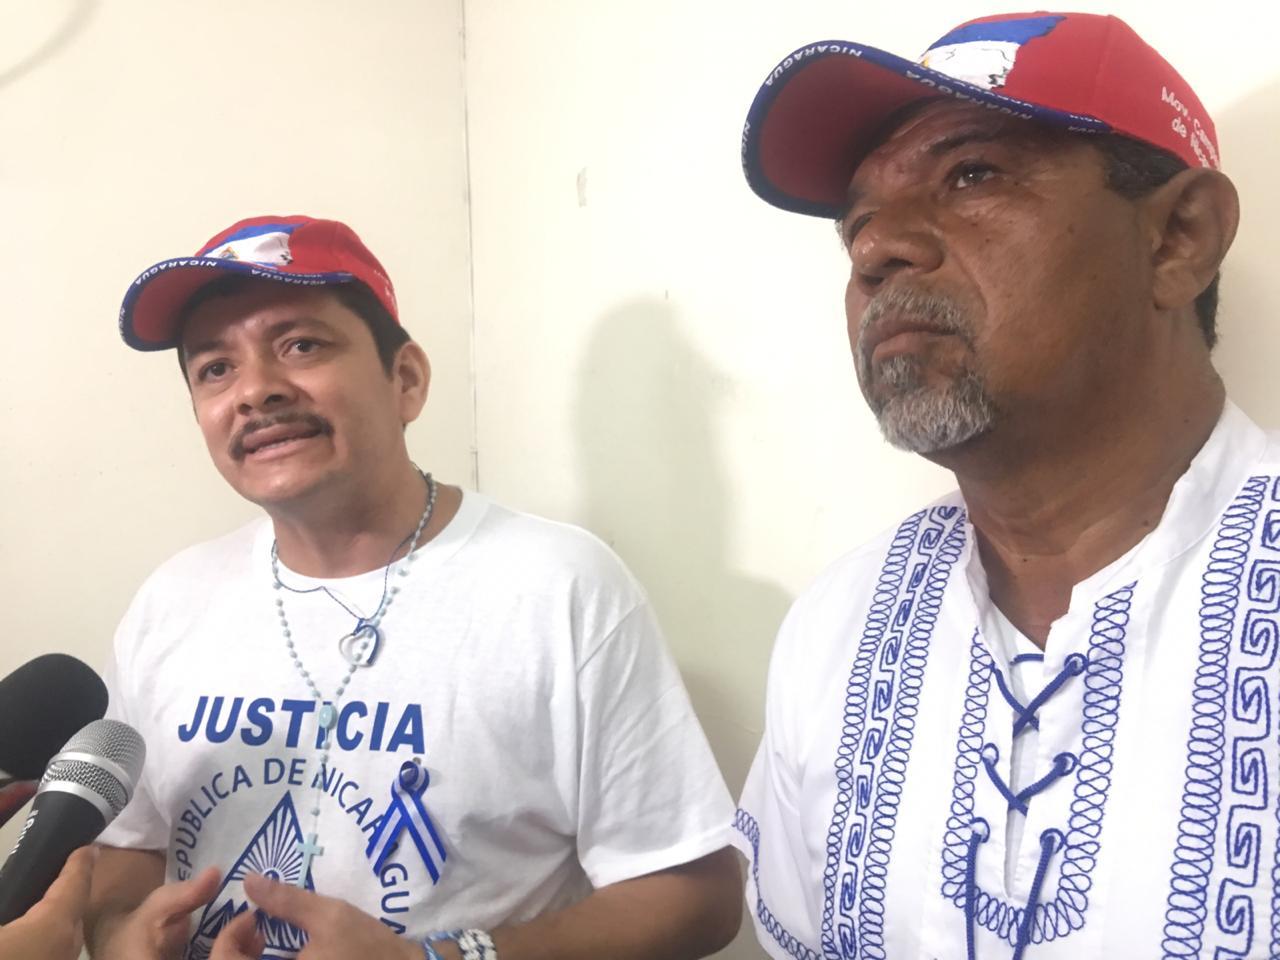 Movimiento Campesino sigue excluido de las decisiones de la Alianza Cívica, aunque son miembros del grupo